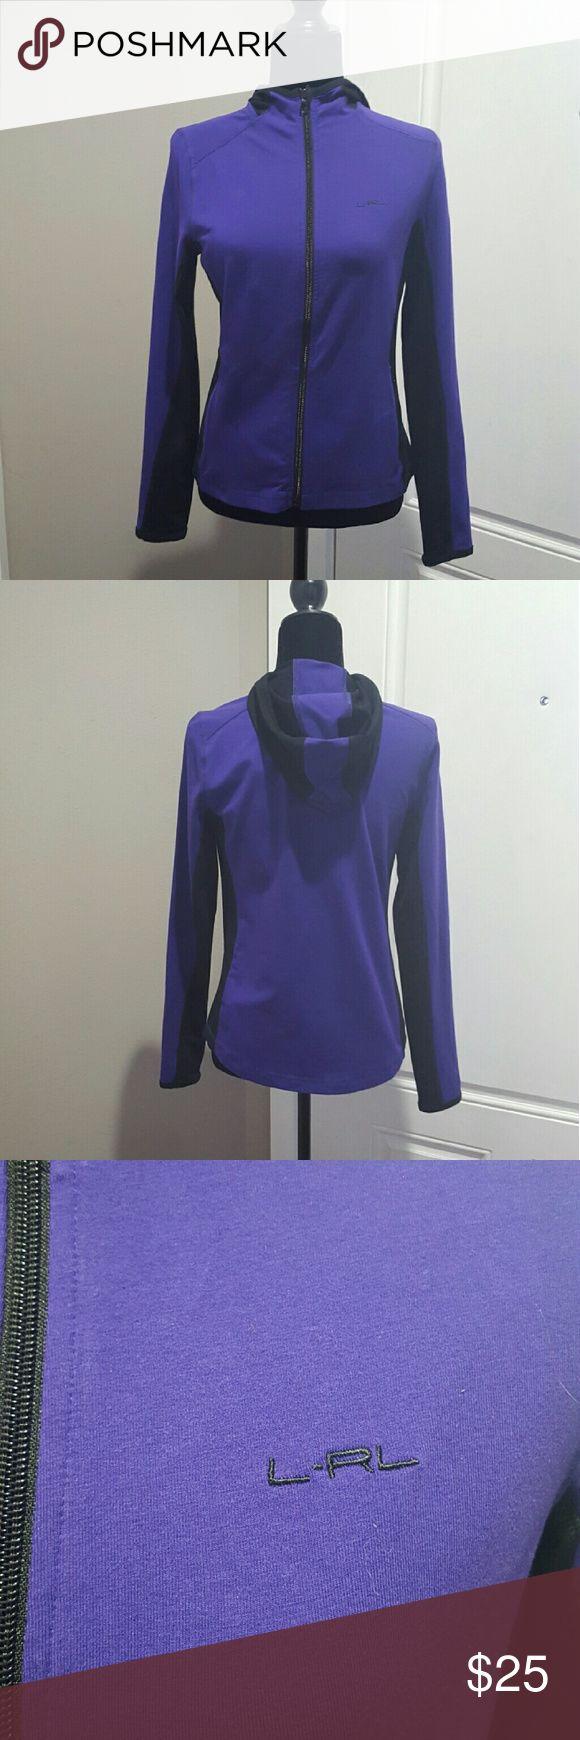 Women's Ralph Lauren hoodie, petite medium Women's Ralph Lauren purple and black track jacket/hoodie. Light weight. Size petite medium. No stains or tares. Ralph Lauren Tops Sweatshirts & Hoodies